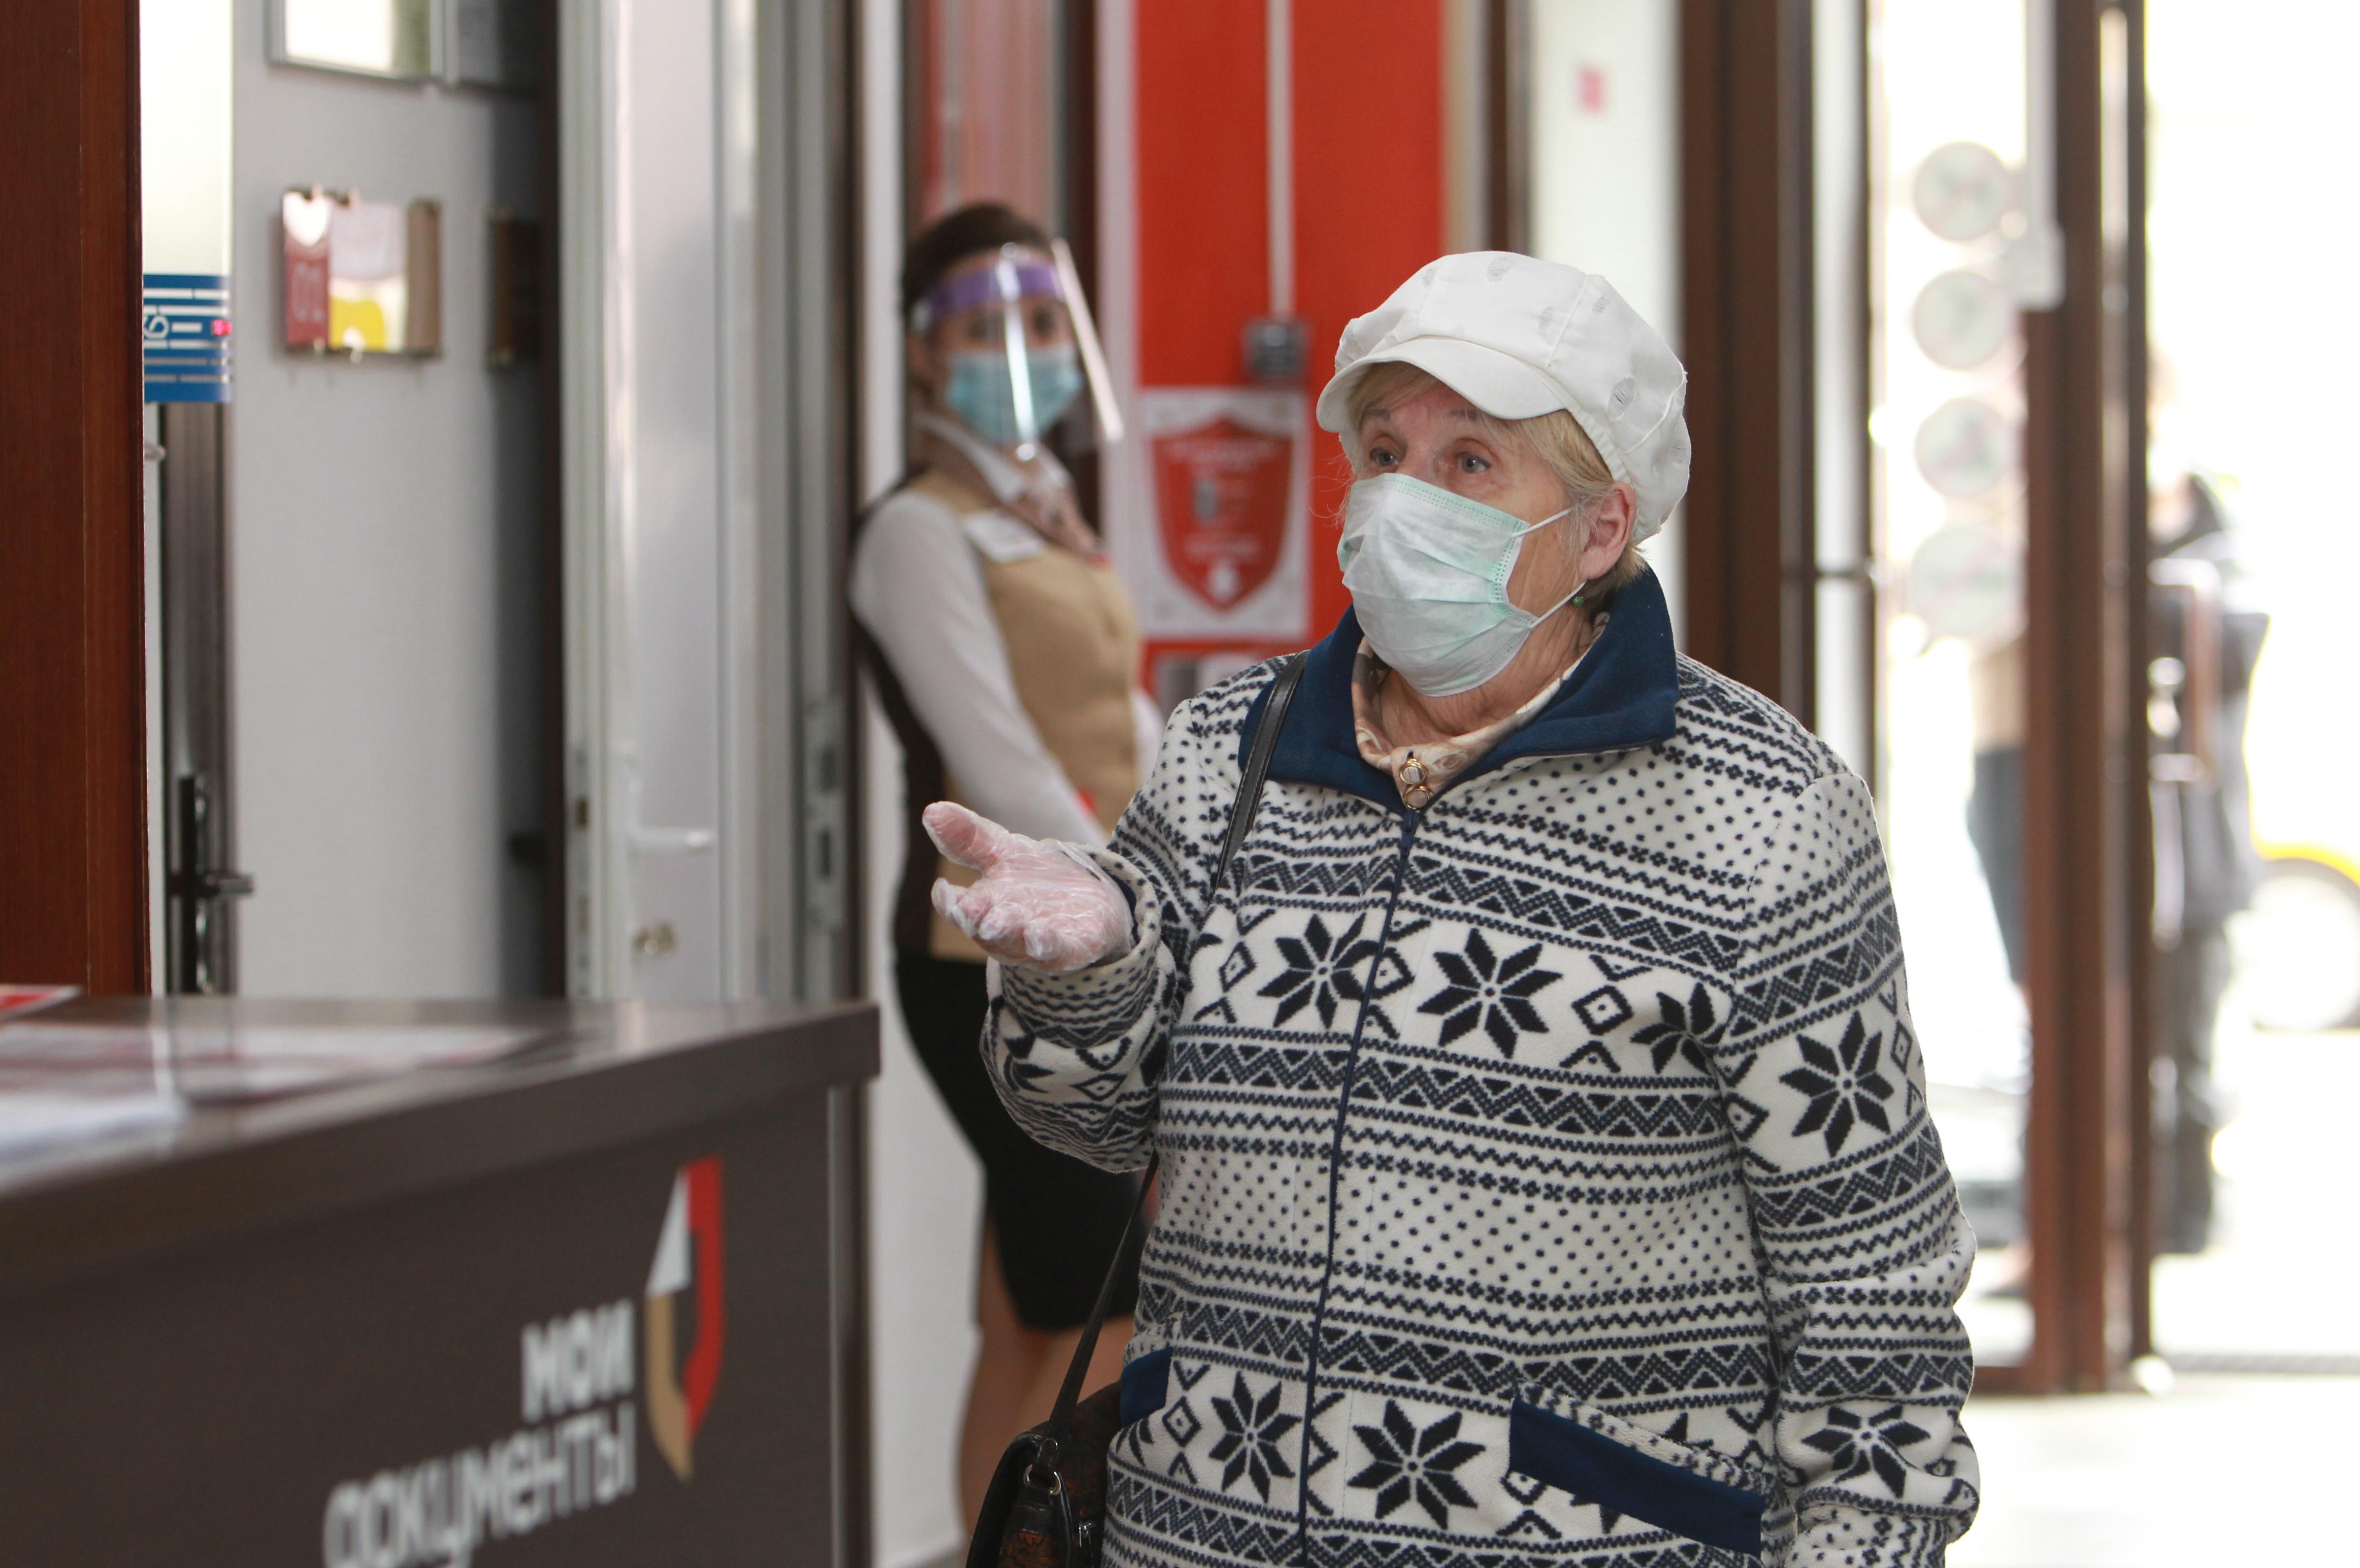 Почти 700 новых случаев коронавируса зафиксировали в Москве